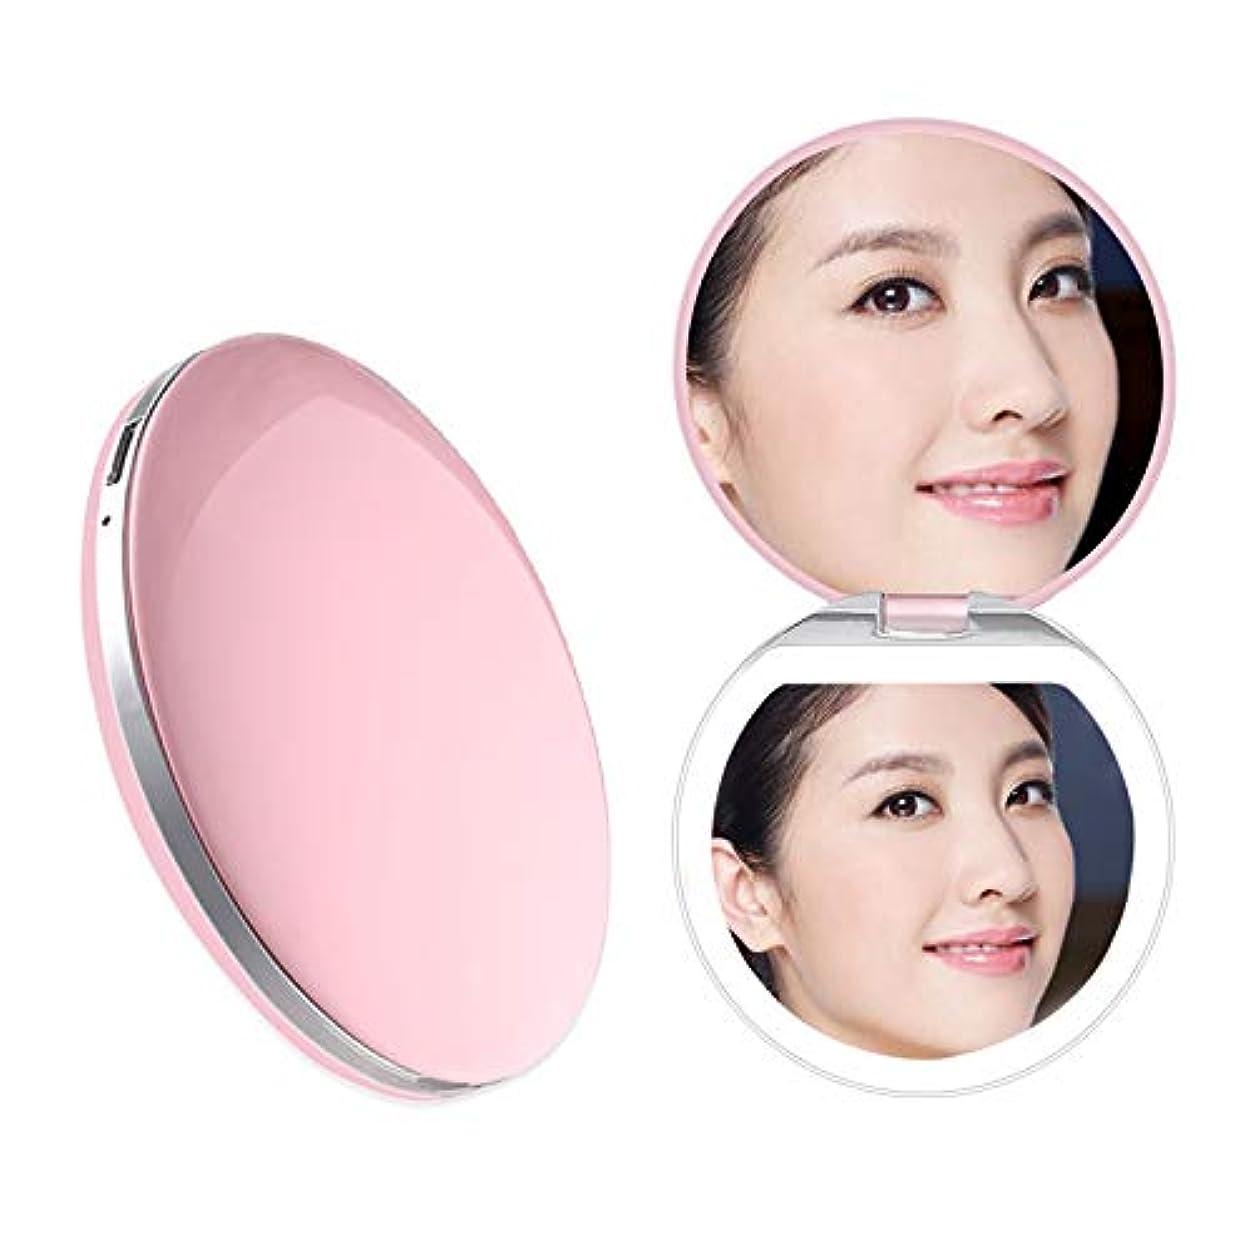 マラソン体系的にルームHeartyfly 携帯ミラー 鏡 LED手鏡  二面鏡 折り畳み式化粧鏡 メイクアップミラー usb充電 3倍拡大 持ちやすい 便利 (ピンク)